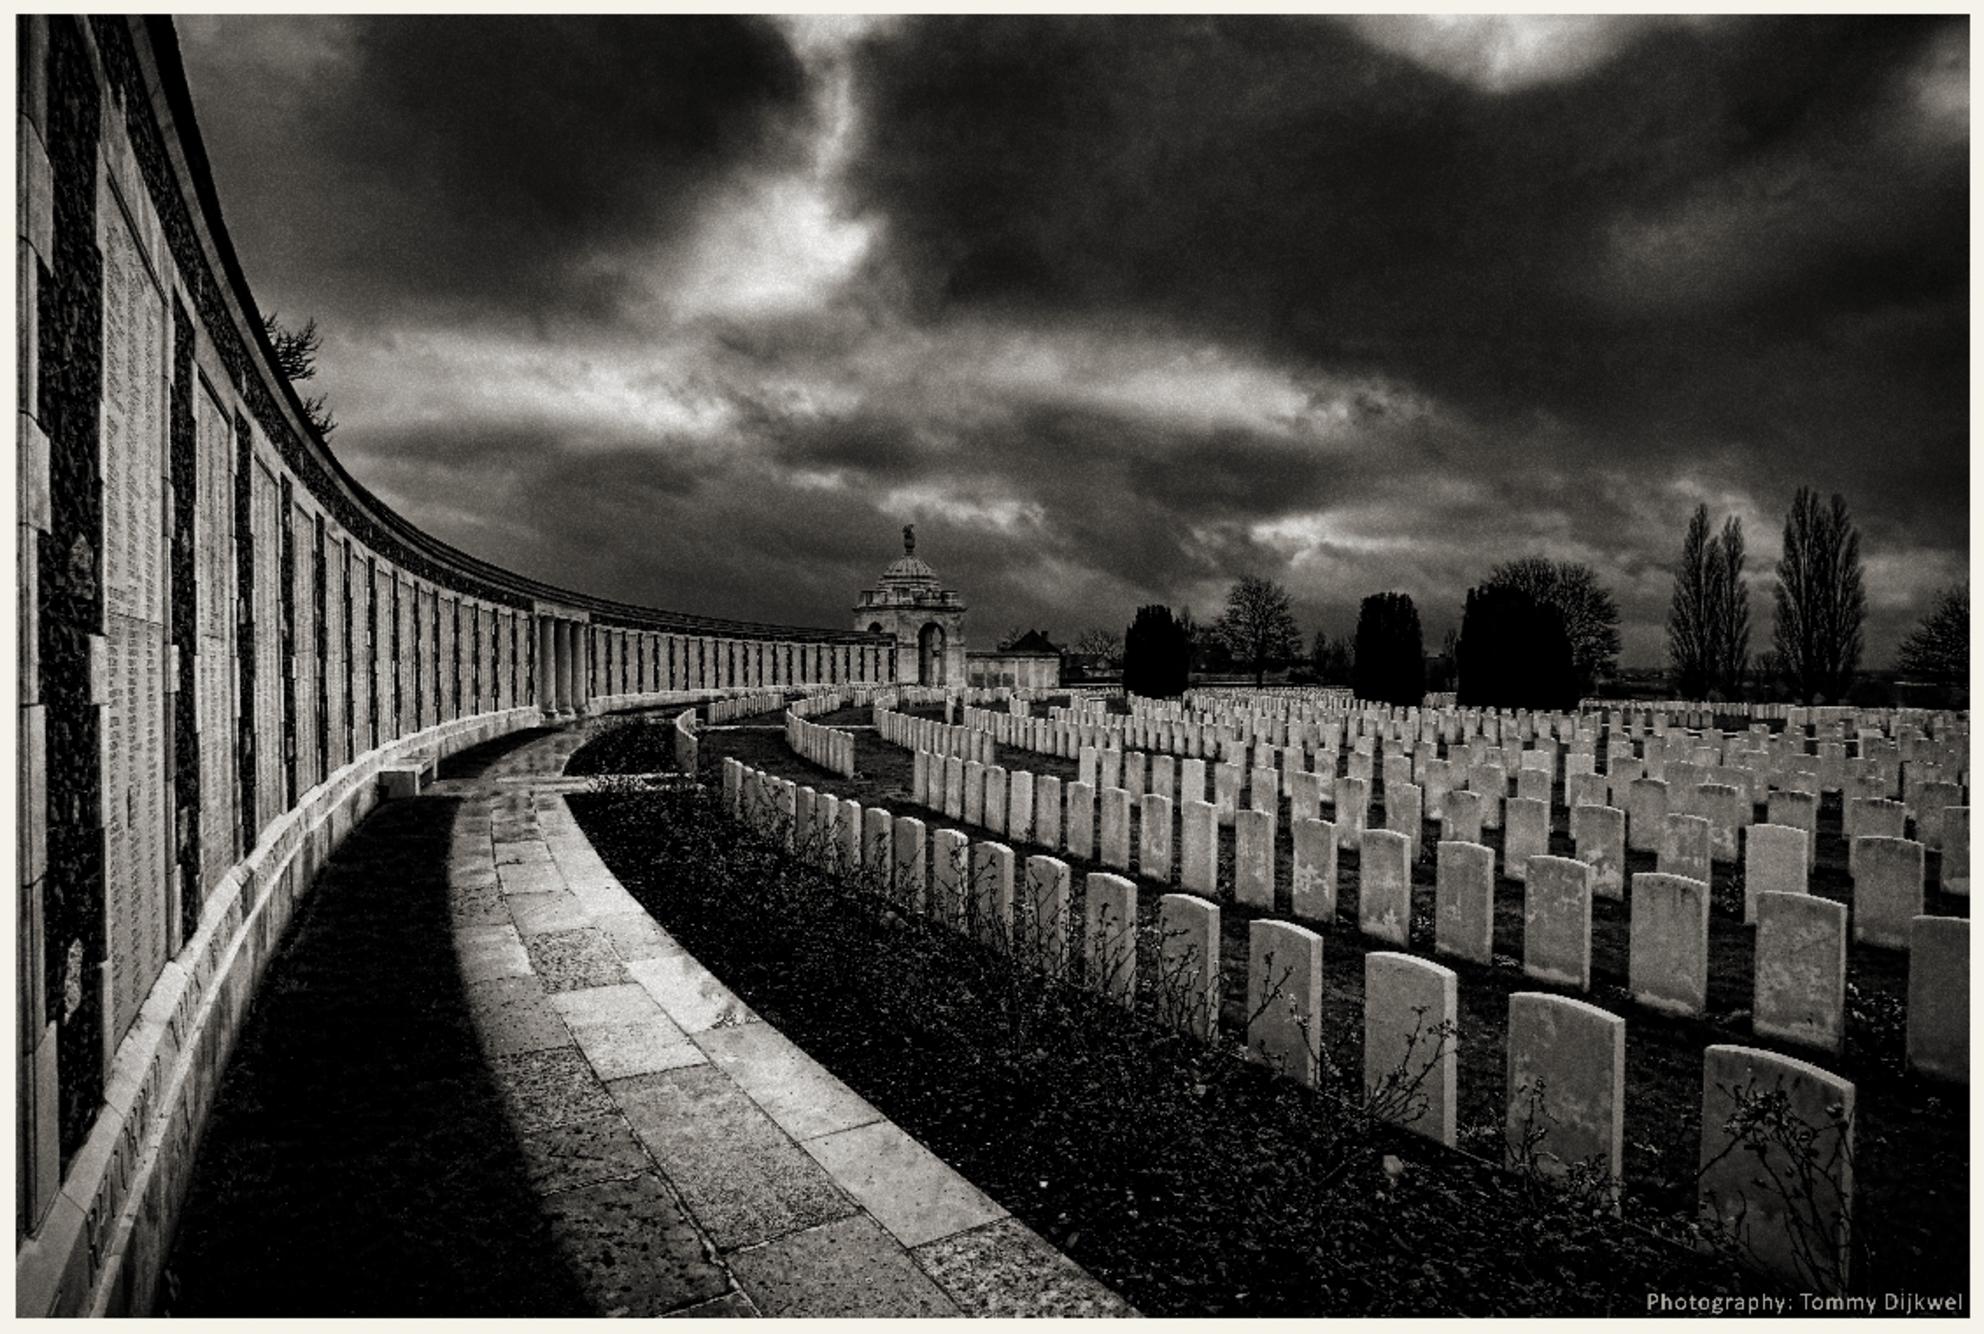 Eternal Rest - [b]Eternal Rest[/b]  Voor Eeuwig Rust, na te zijn omgekomen in een Hel op Aarde...   Tyne Cot Cemetery, de grootste Britse militaire begraafplaat - foto door TommyDijkwel op 10-11-2017 - deze foto bevat: landschap, ieper, wo1, passendale, tyne cot cemetery, britse militaire begraafplaats